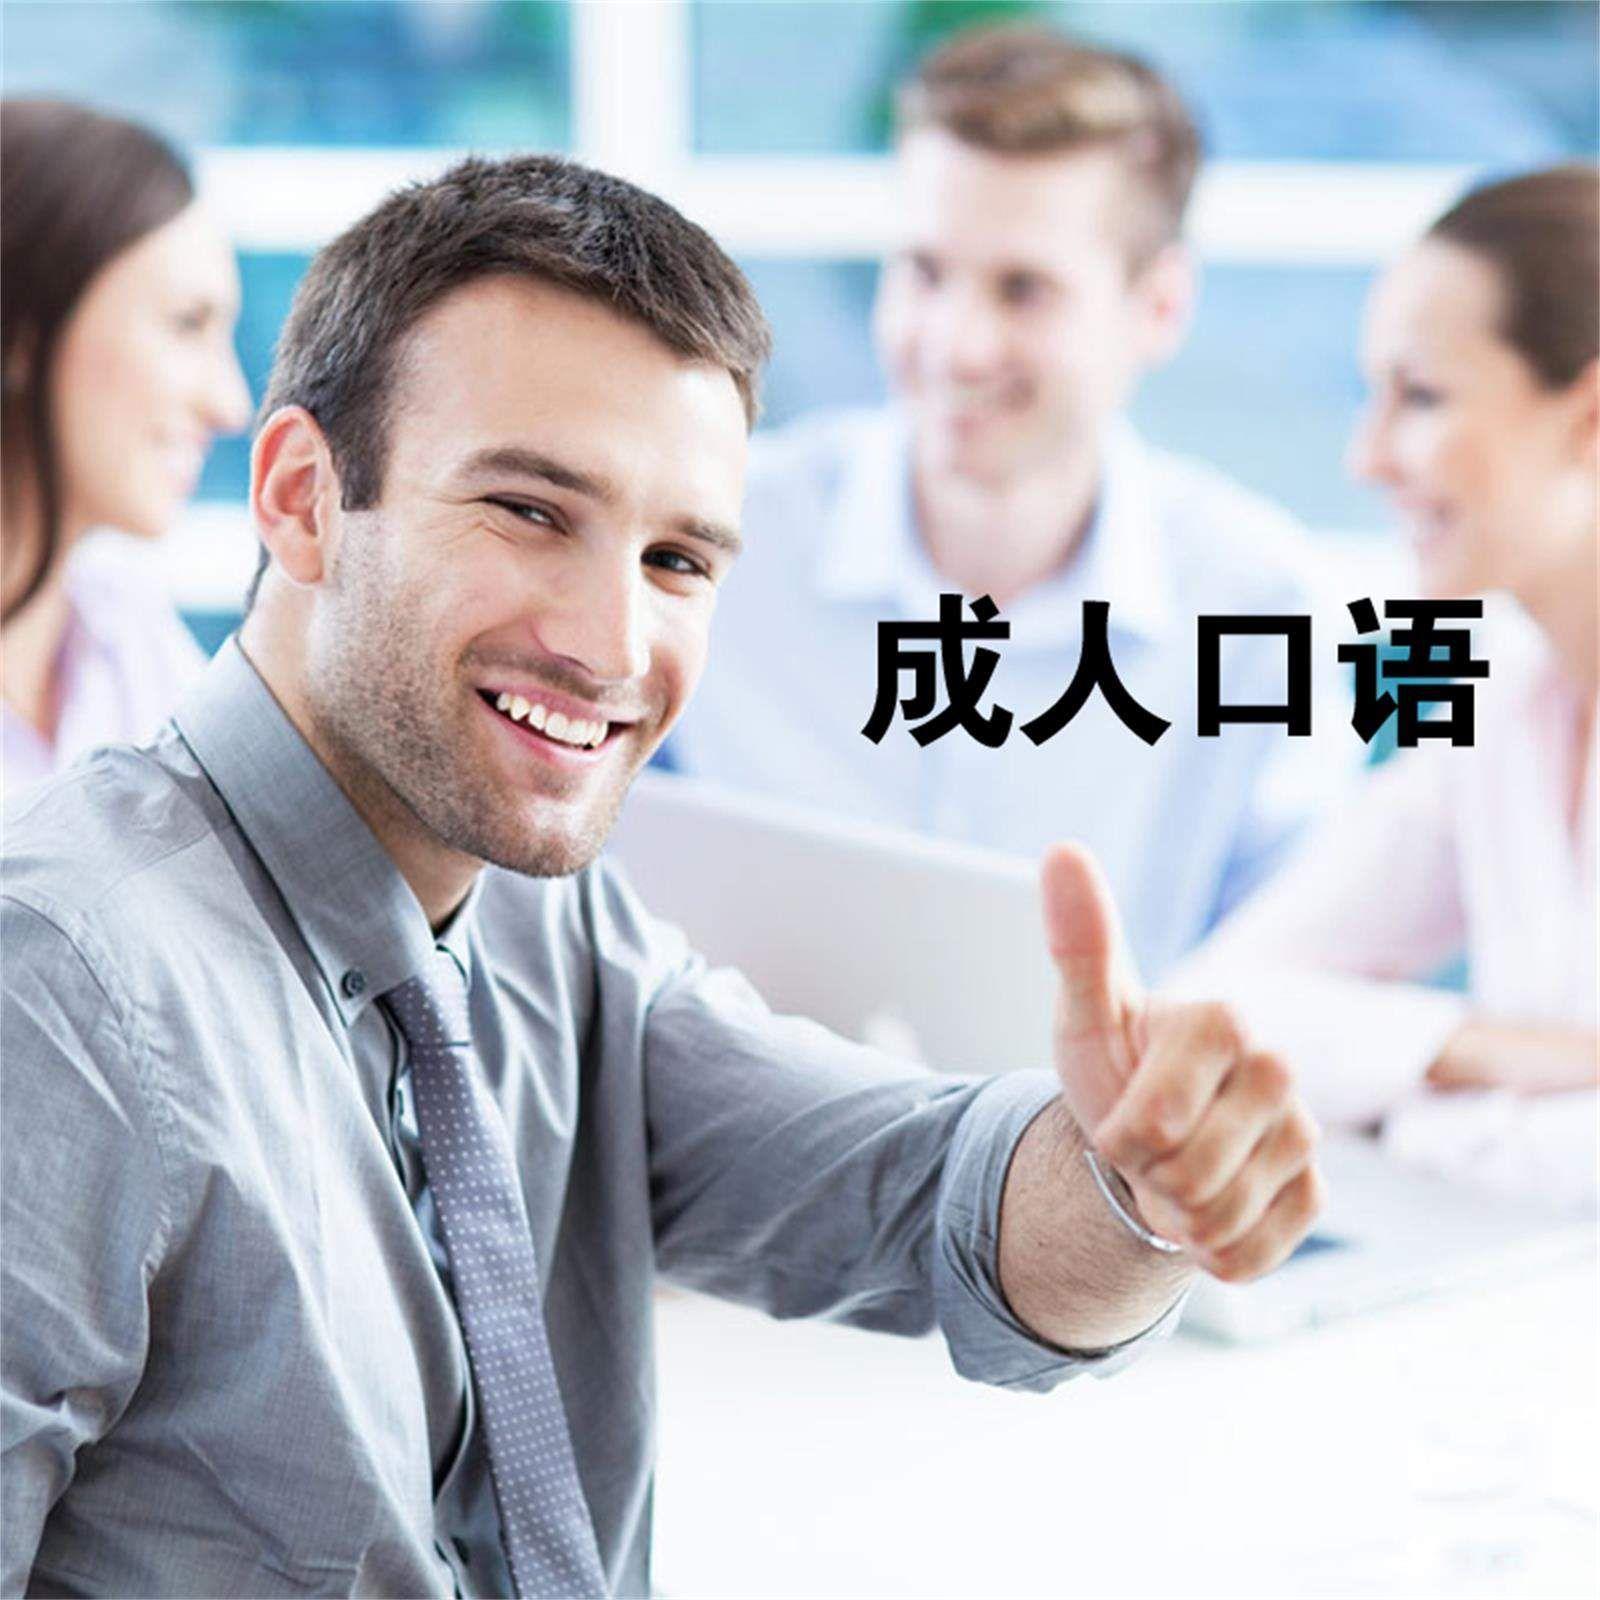 快速提升英语口语能力、智联外语